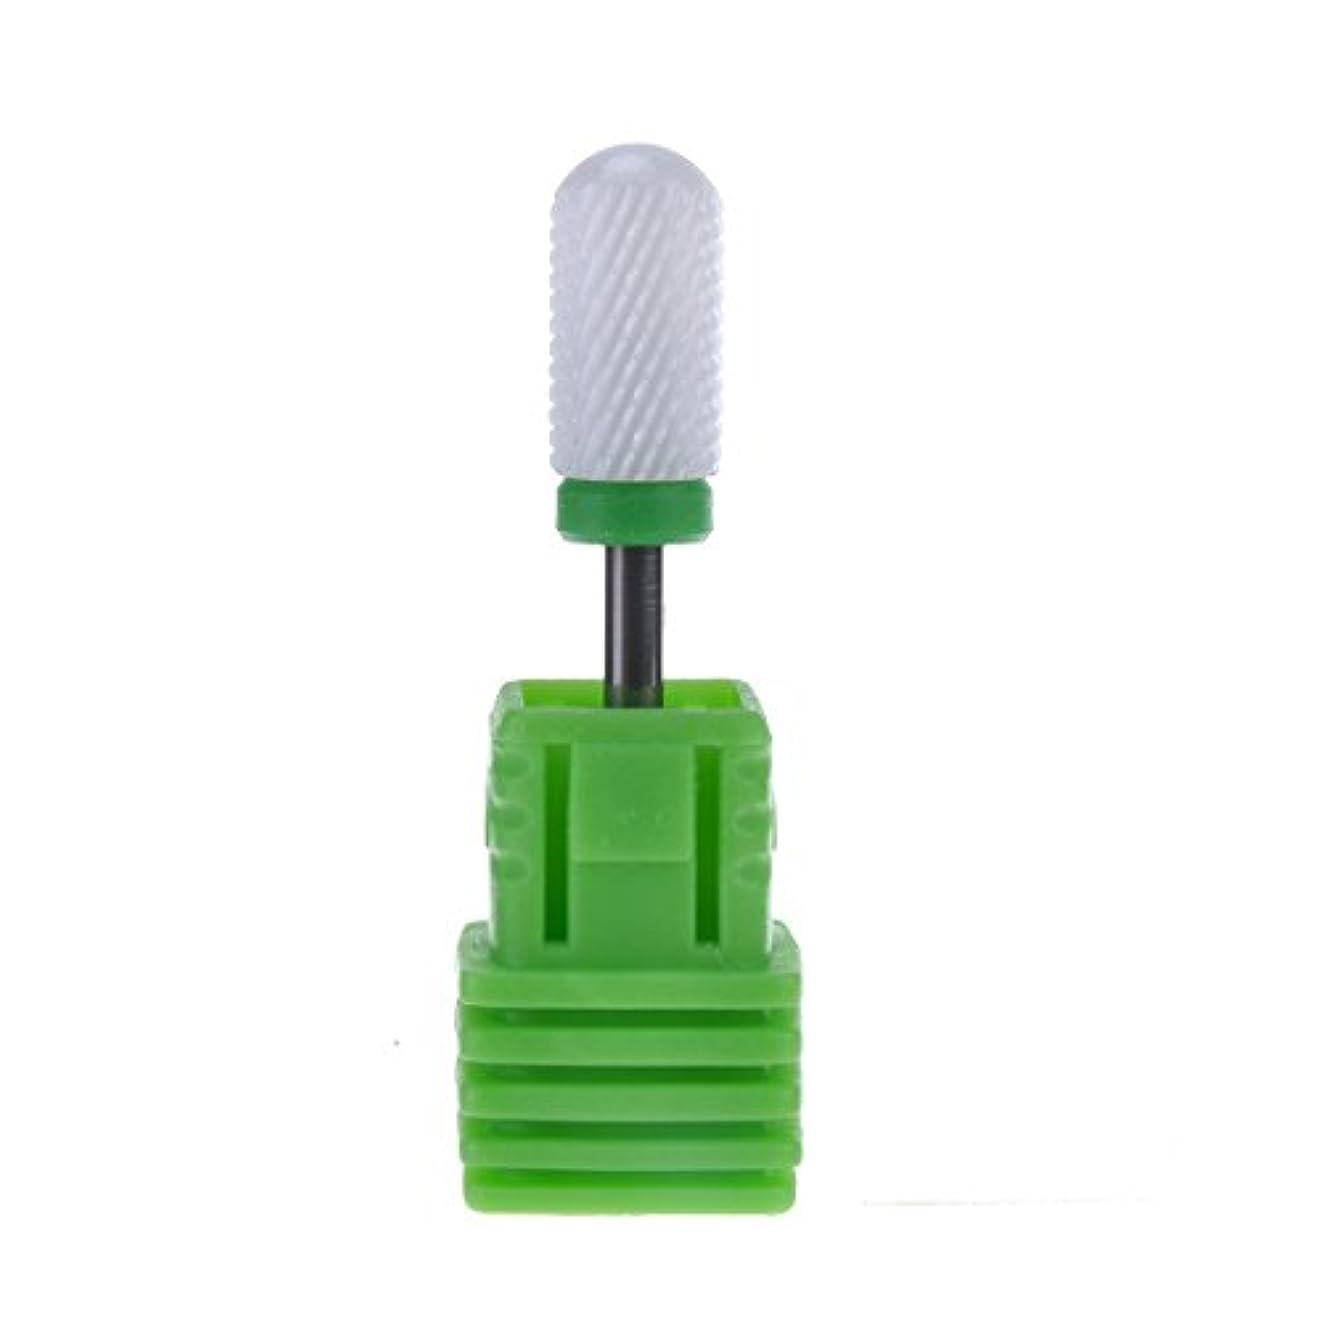 ボット要塞関係するBiutee 陶磁器ドリルビット 6.6mm*13mm ネイルドリルビット ロータリーファイル 研削ネイル 切削工具 ドリルビット ネイルアートファイル ドリル ビット 付け爪用にも 耐摩耗性 耐腐食性 高硬度 (C)